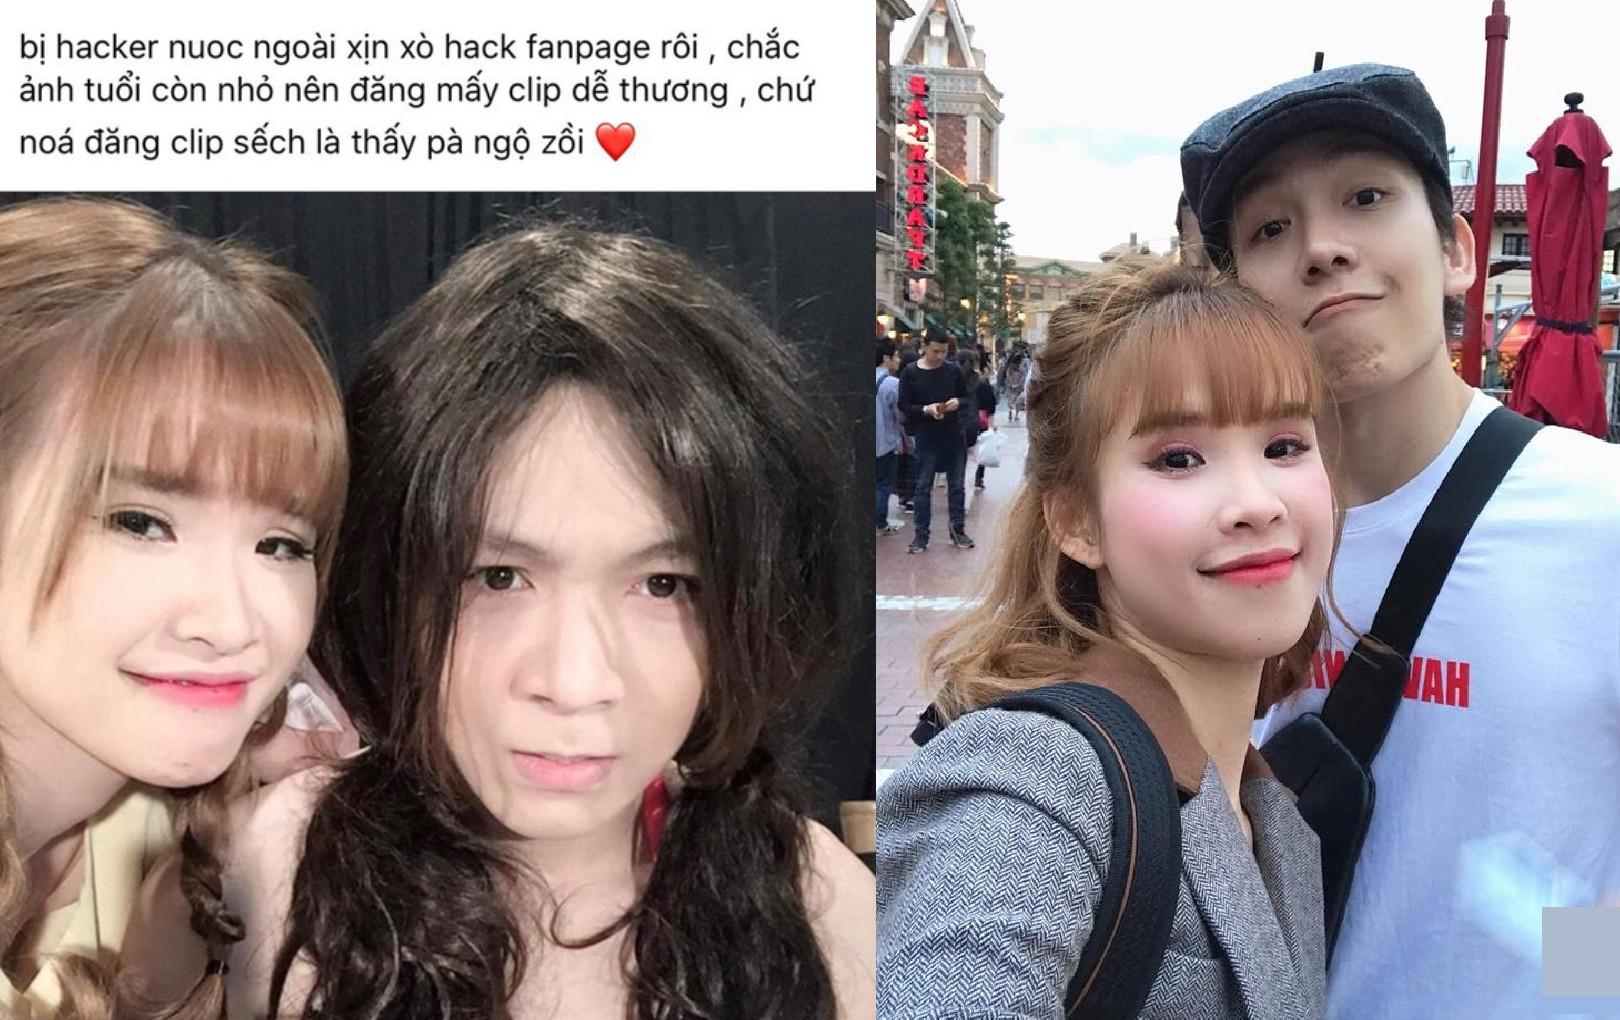 Khởi My đăng hình dìm Kevin Khánh để thông báo bị hack mất fanpage Facebook 10 triệu người theo dõi